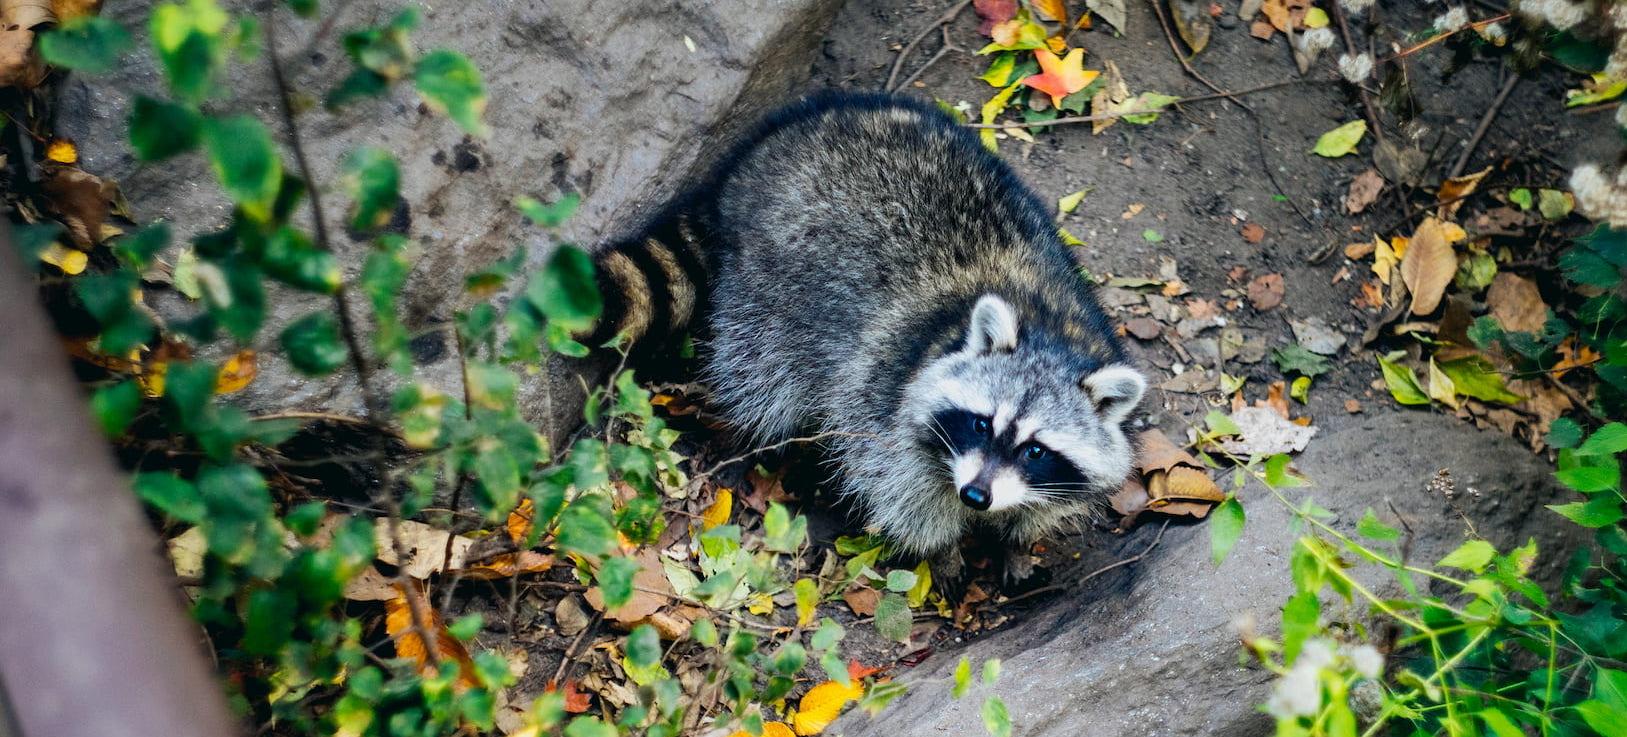 raccoon in the garden